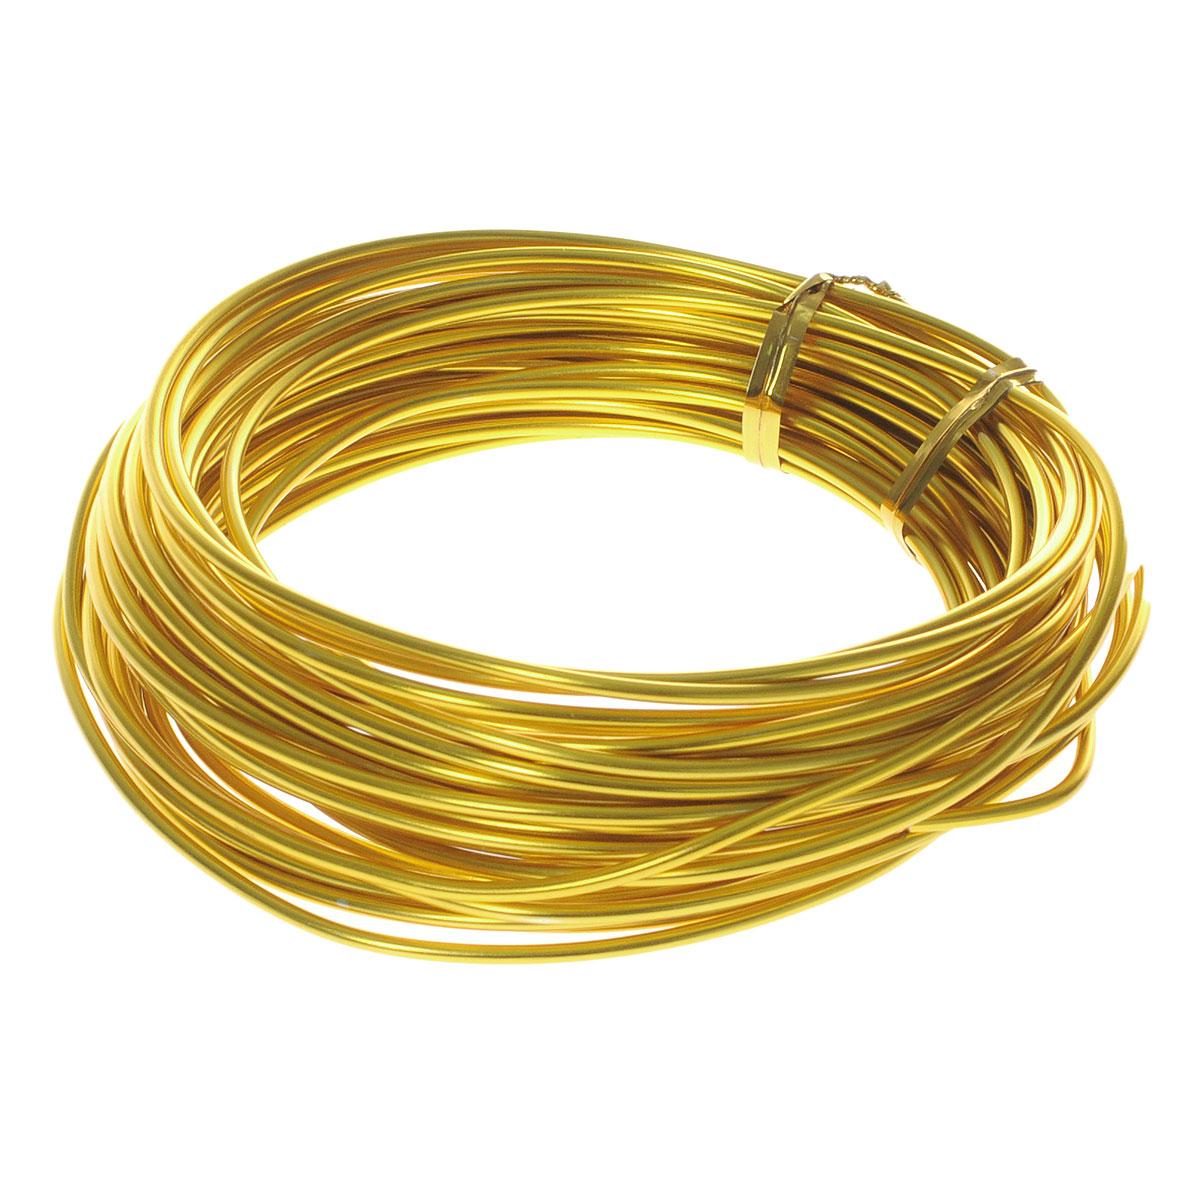 Проволока для рукоделия Астра, цвет: золотистый (17), 2 мм х 10 м7701211_17Проволока для рукоделия Астра, изготовленная из алюминия, может быть использована для создания различных изделий бижутерии, для декора фотоальбомов, домашнего интерьера и других целей. Проволока - это очень распространенный и легкодоступный материал. Ее изготавливают из разных металлов и покрывают лаками разных цветов, благодаря чему она обладает прекрасными декоративными свойствами. Проволока является хорошим материалом для плетения, а для достижения эффектного украшения можно сочетать несколько цветов проволоки.